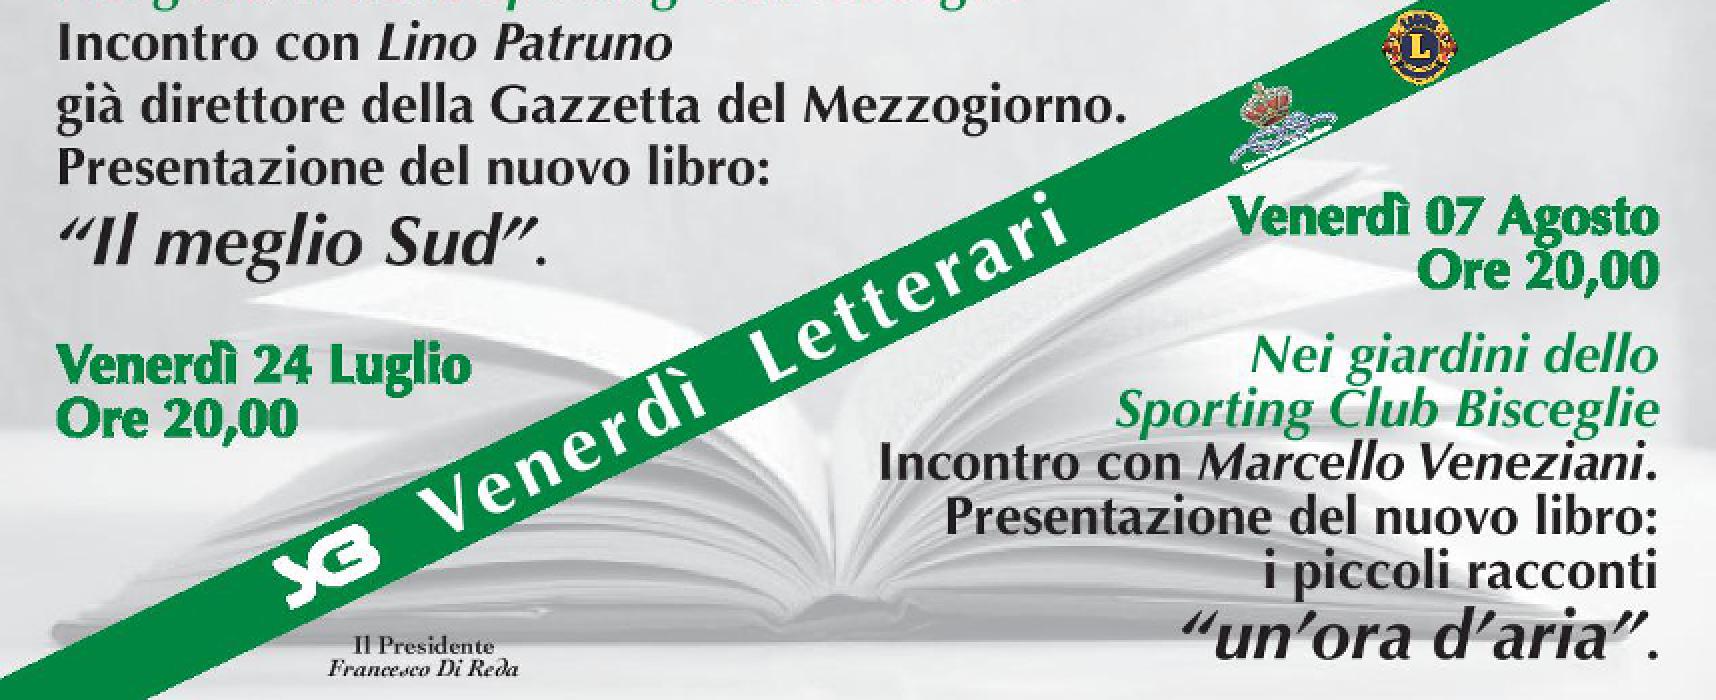 """""""Venerdì letterari"""", serate culturali nei giardini dello Sporting Club Bisceglie"""